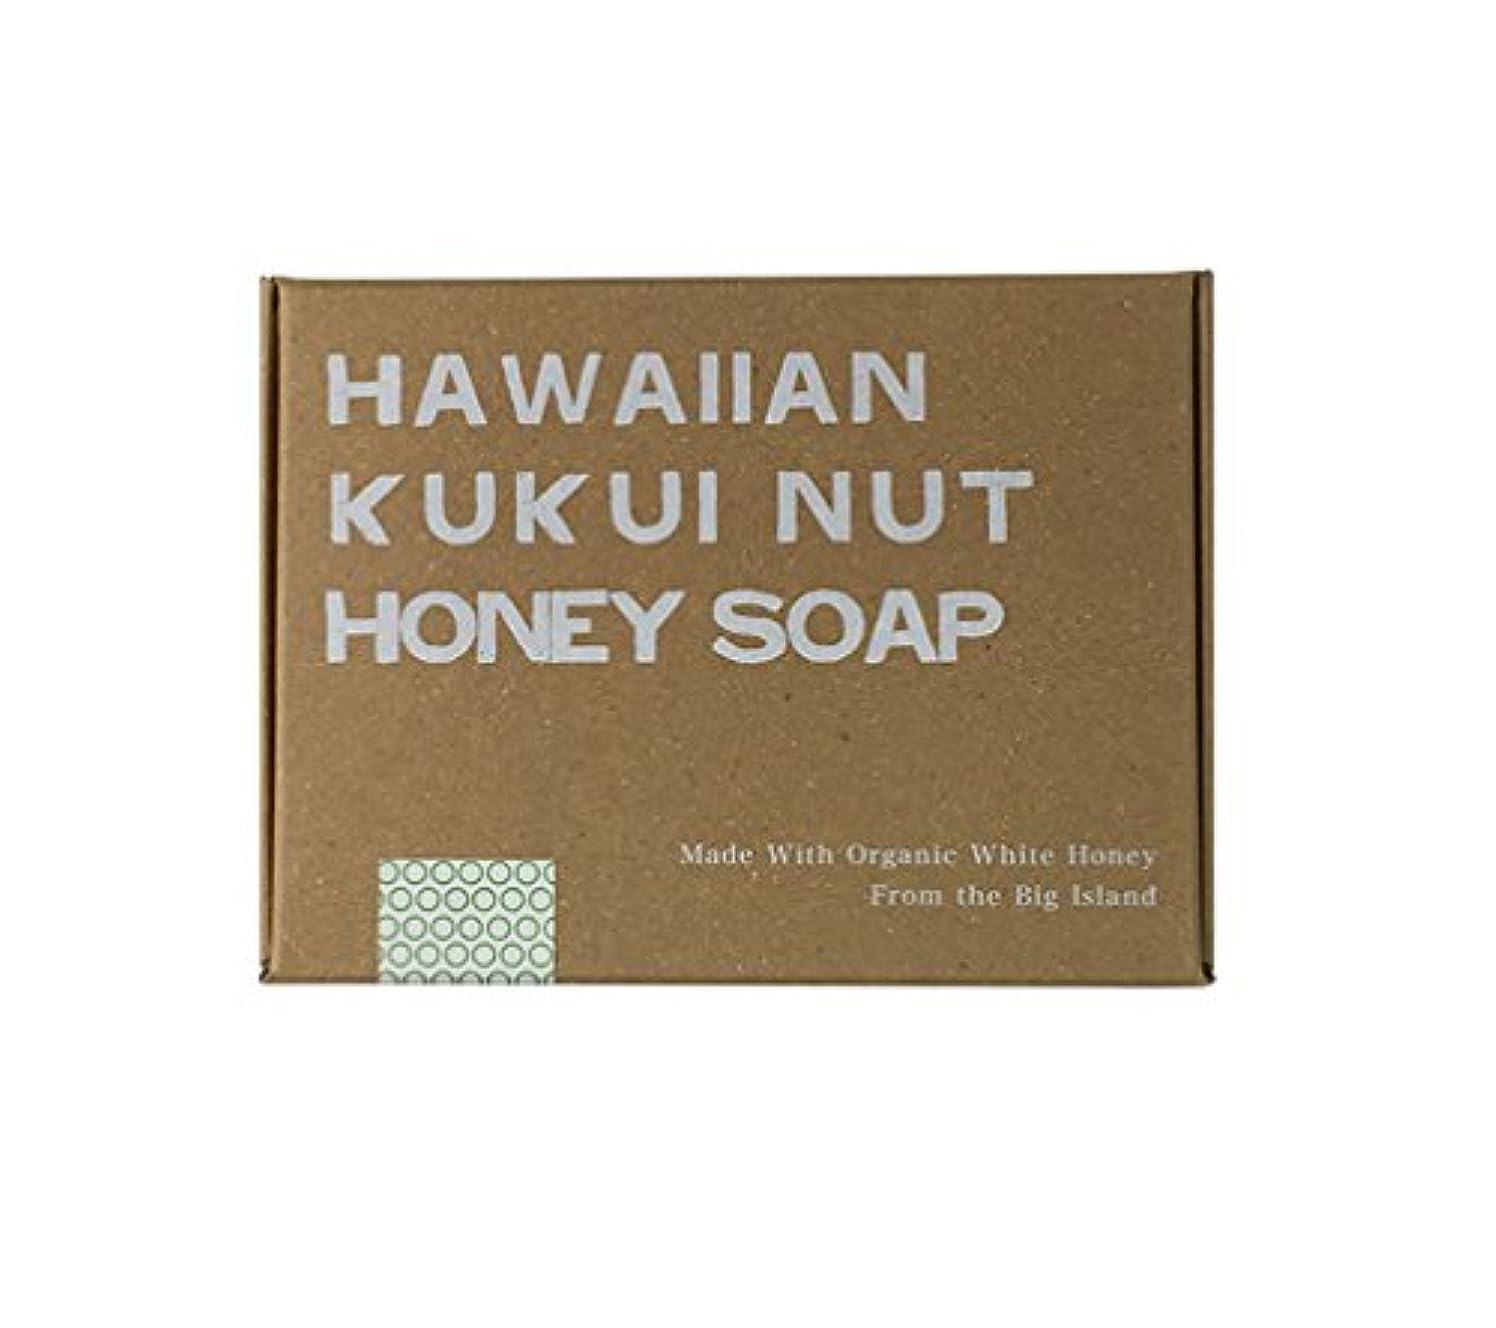 太鼓腹啓示ロープホワイトハニーオーガニクス ハワイアン?ククイ?ハニーソープ(無香料)(Hawaiian Kukui Honey Soap)